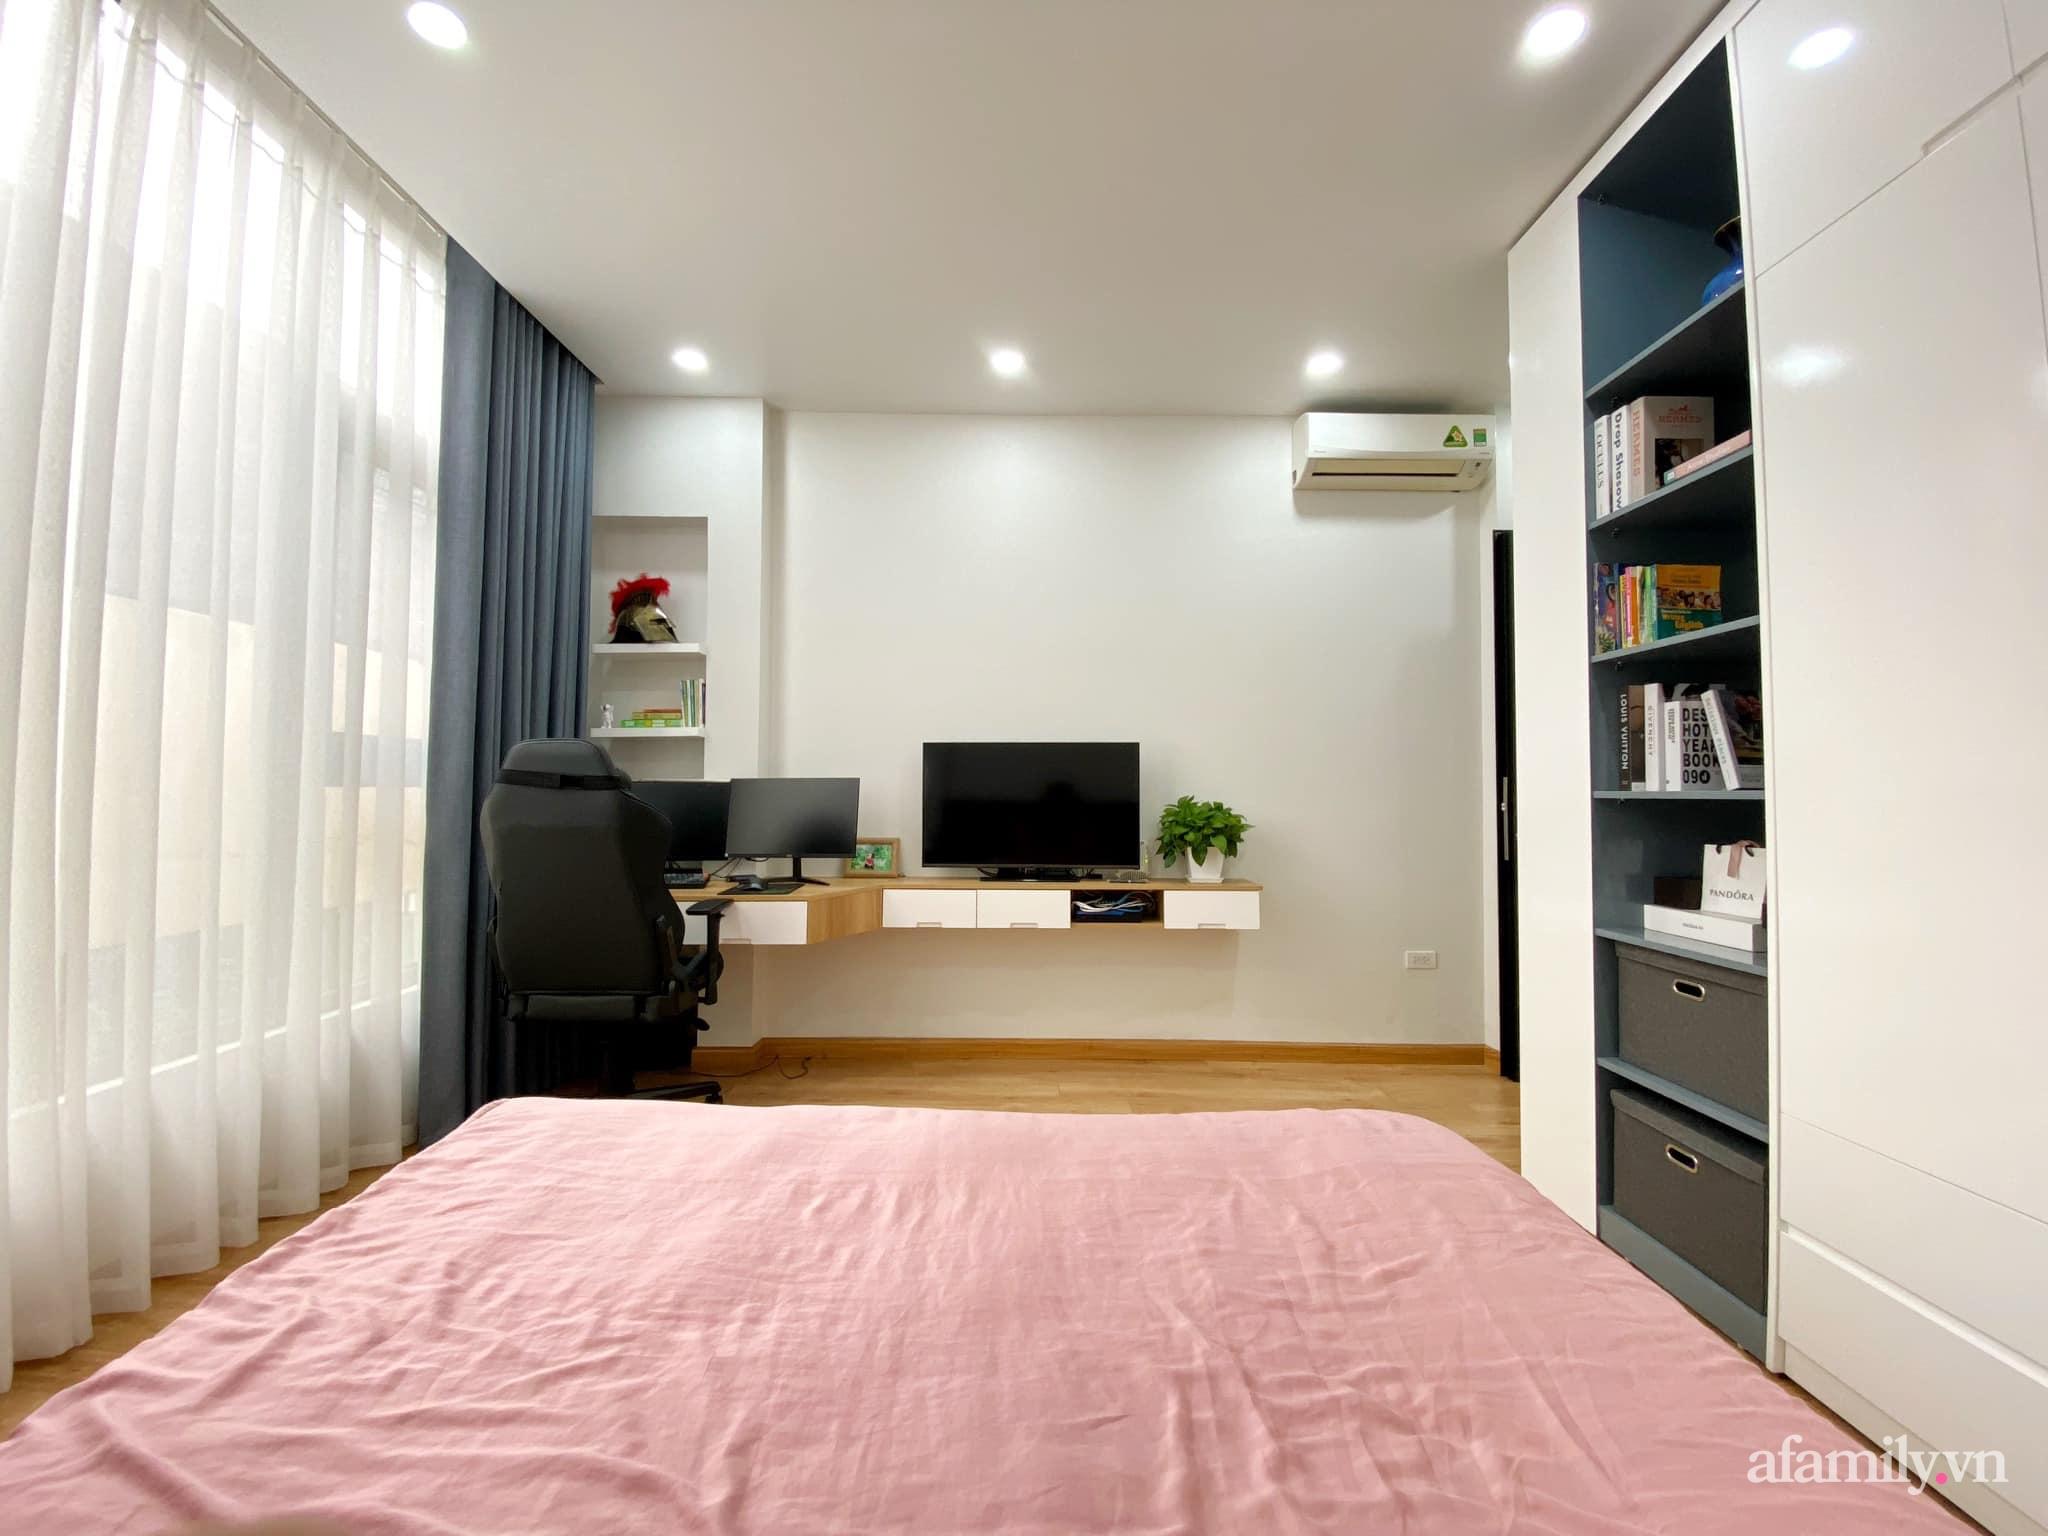 Nhà phố 32m² với 4 tầng rộng thoáng, góc nào cũng ngập ánh sáng ở ngõ nhỏ Thanh Xuân, Hà Nội - Ảnh 14.